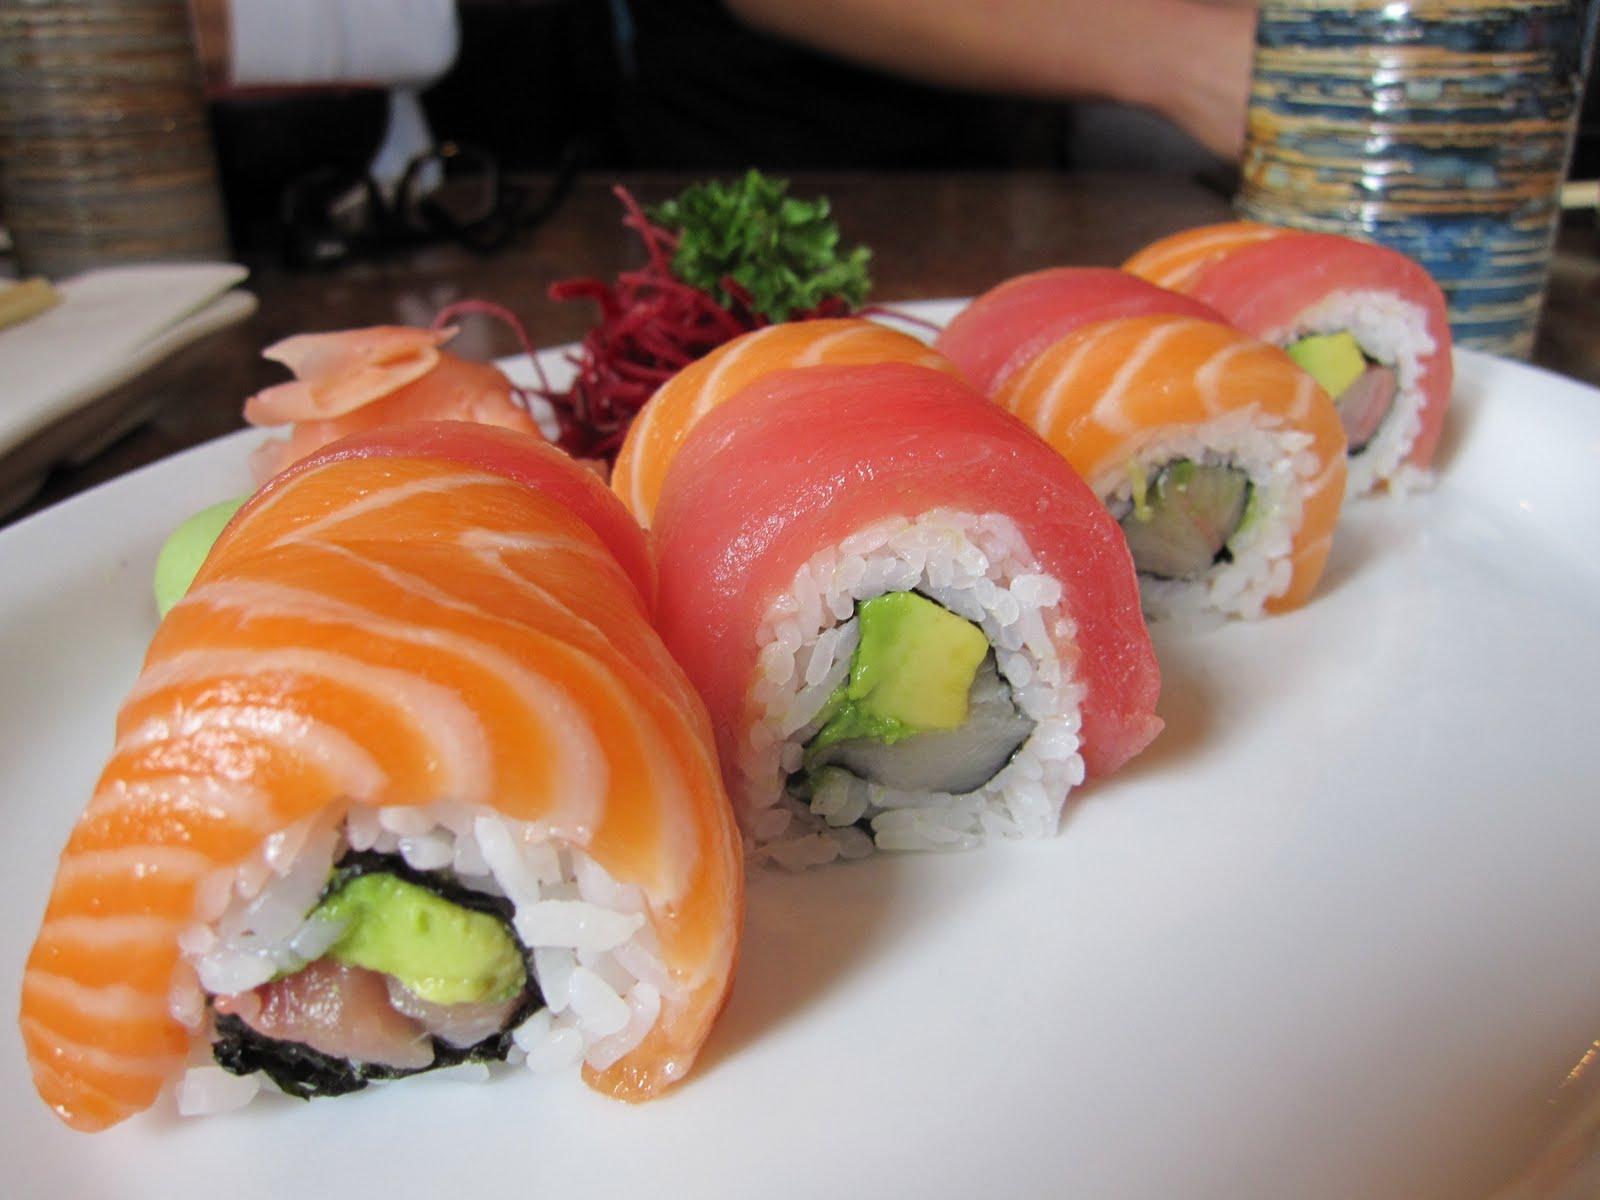 ... avocado sashimi avocado photo by tuna avocado sashimi avocado sashimi